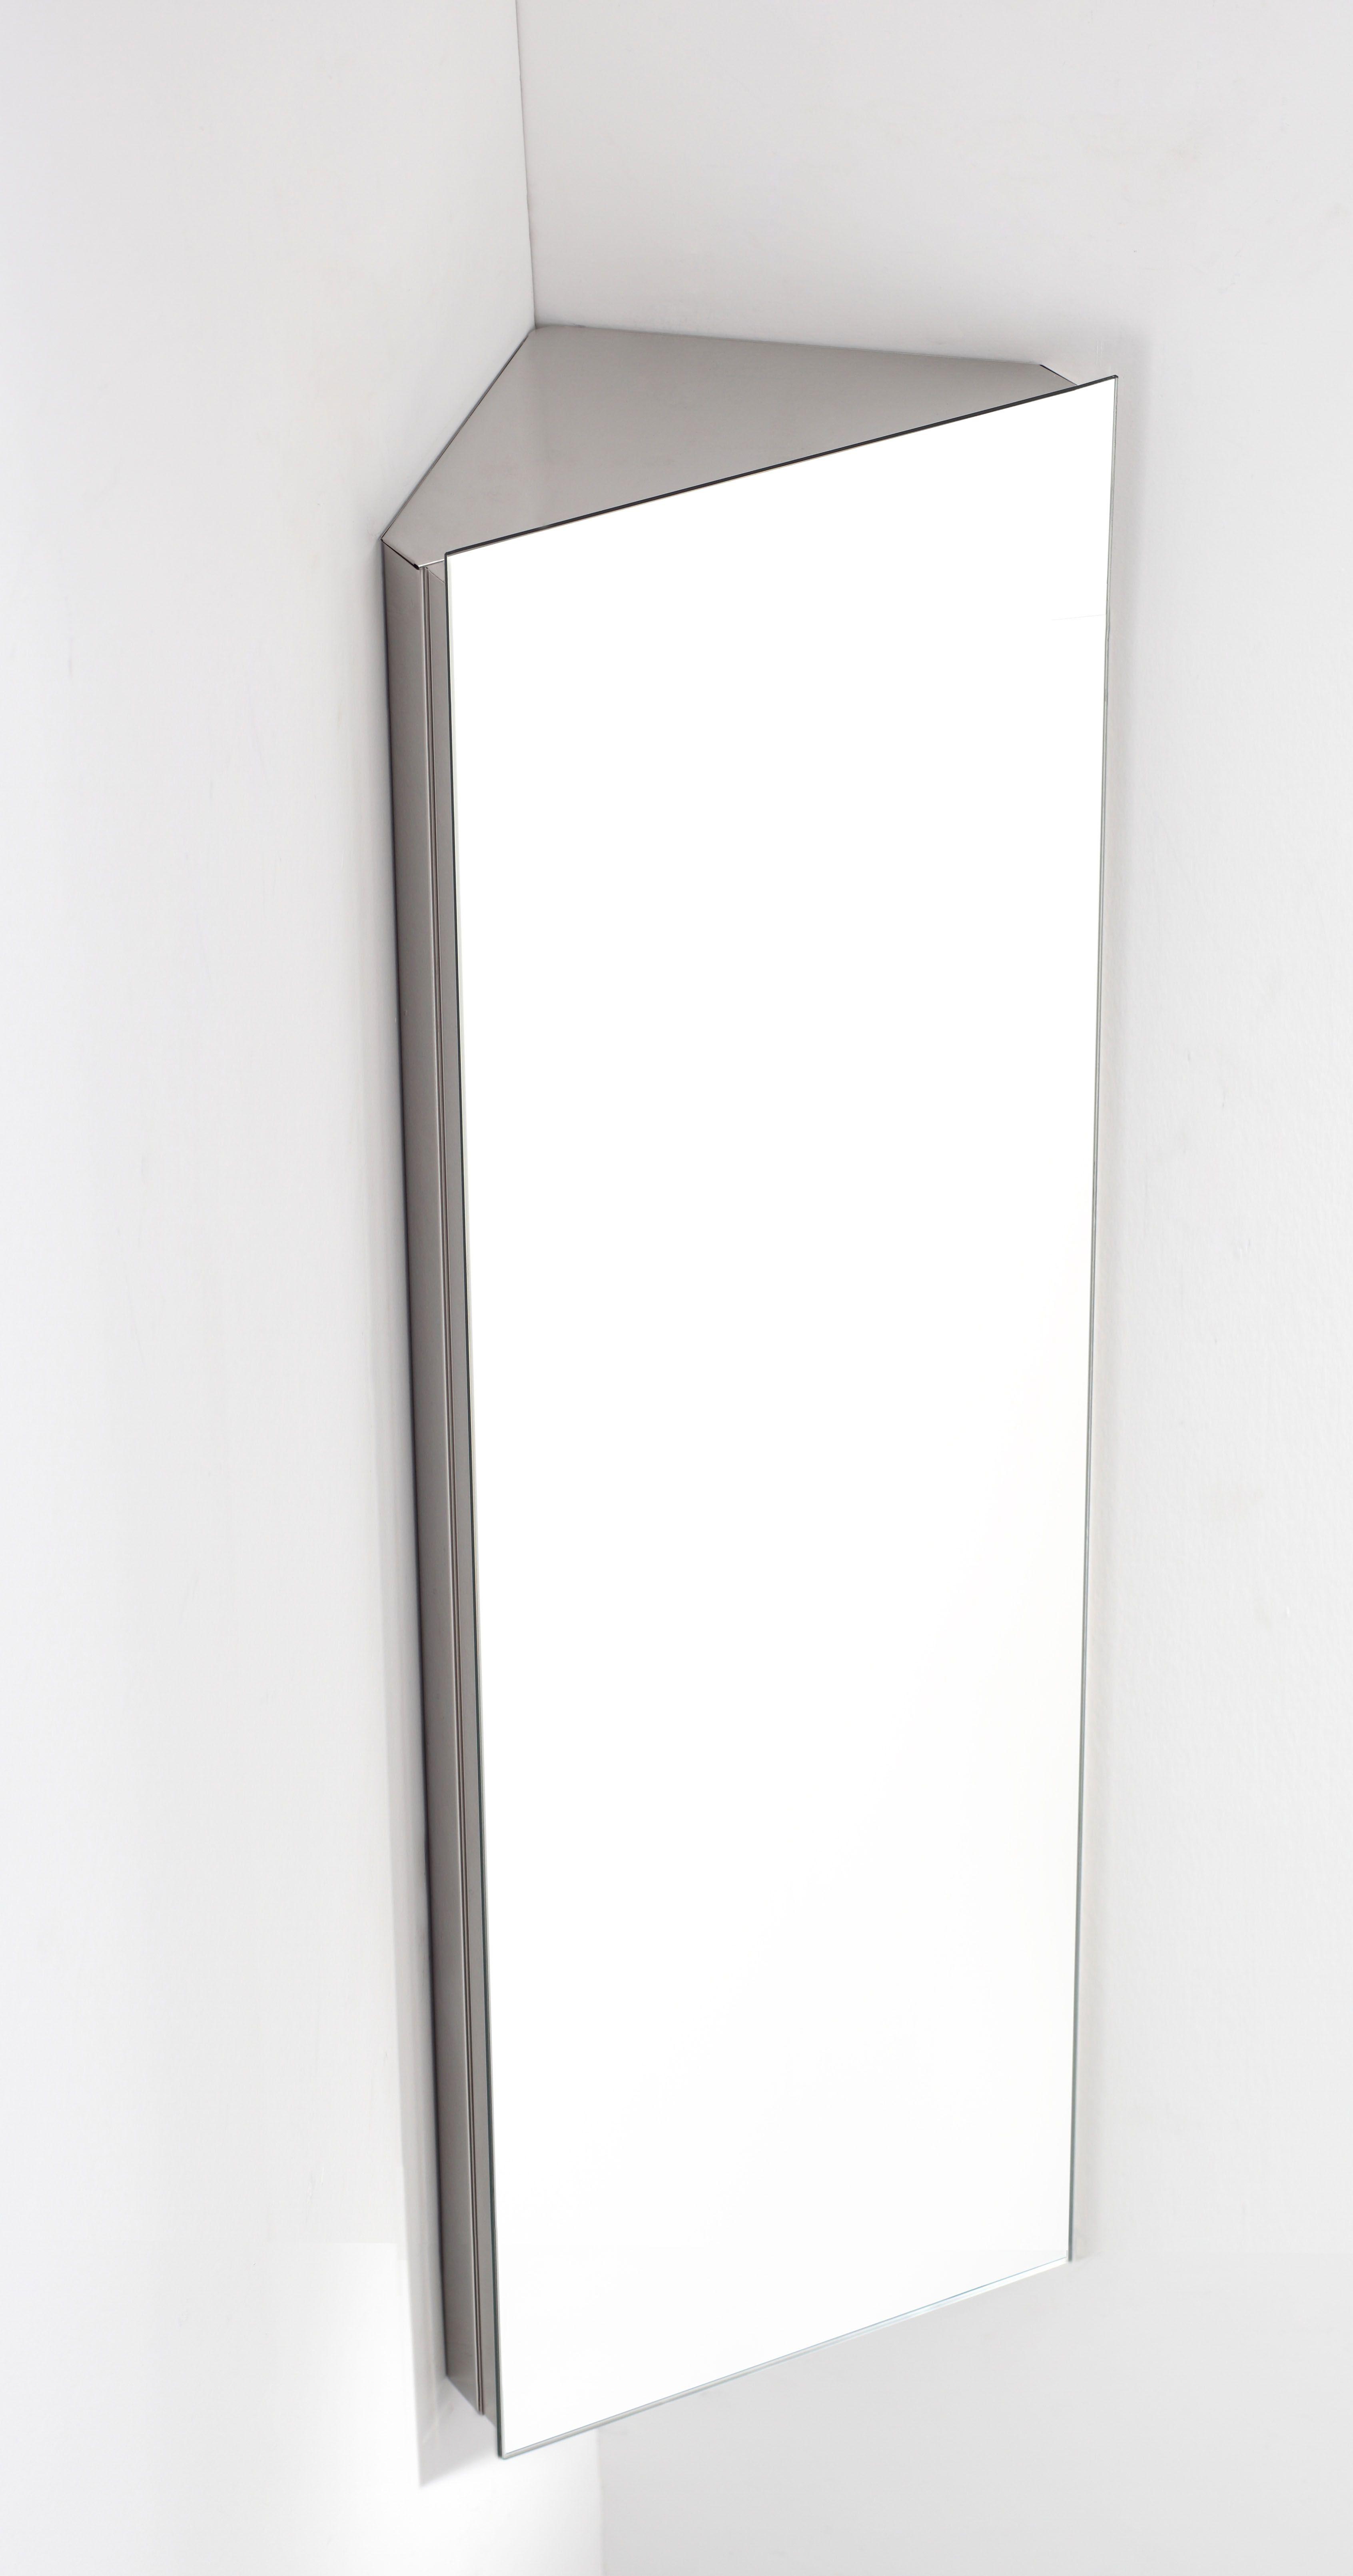 Reims Single Door Corner Mirrored Bathroom Cabinet